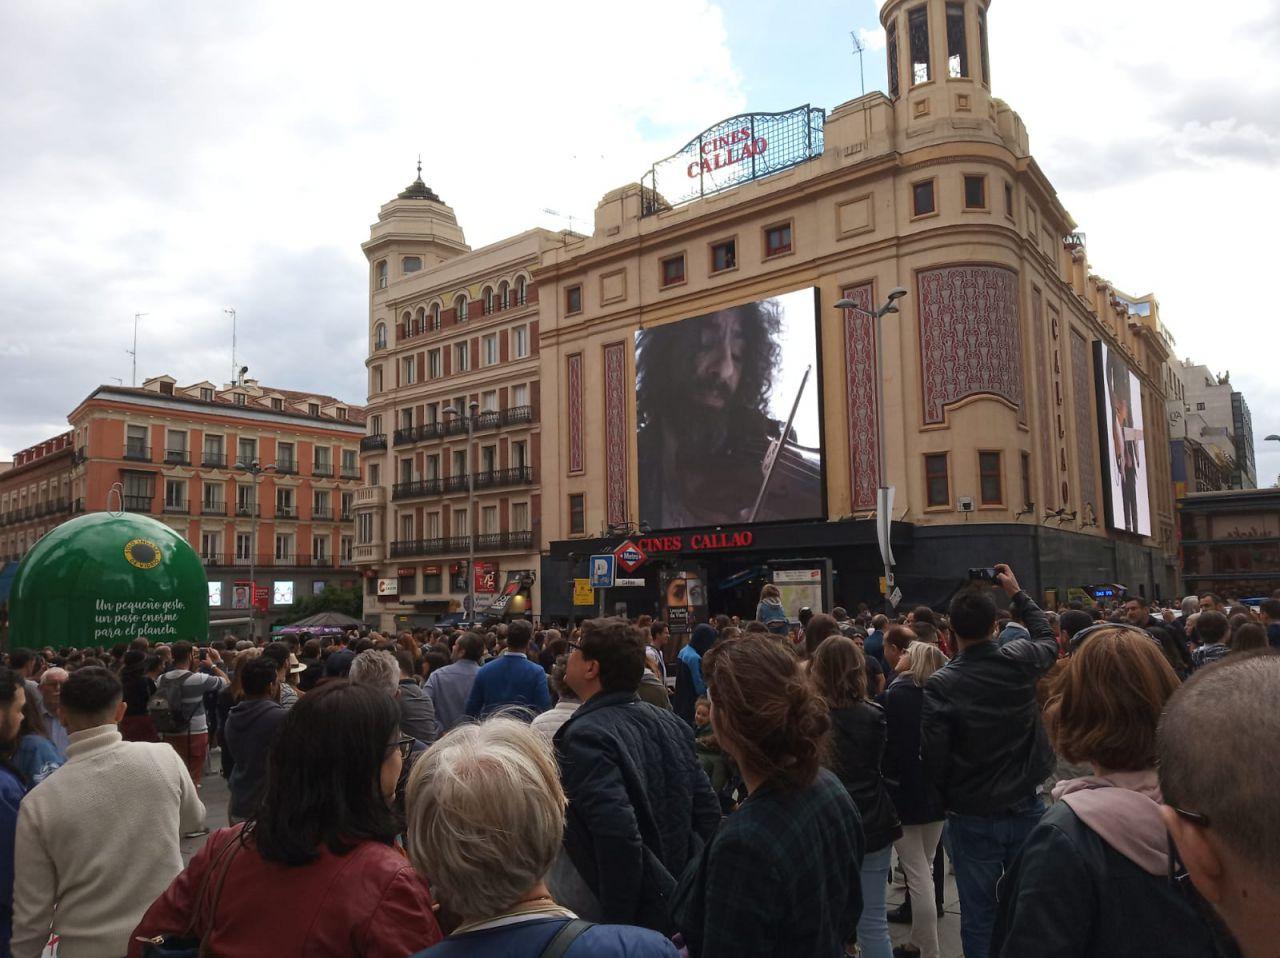 Las pantallas del cine Callao han servido de 'ventanas' a esta experiencia musical inmersiva.